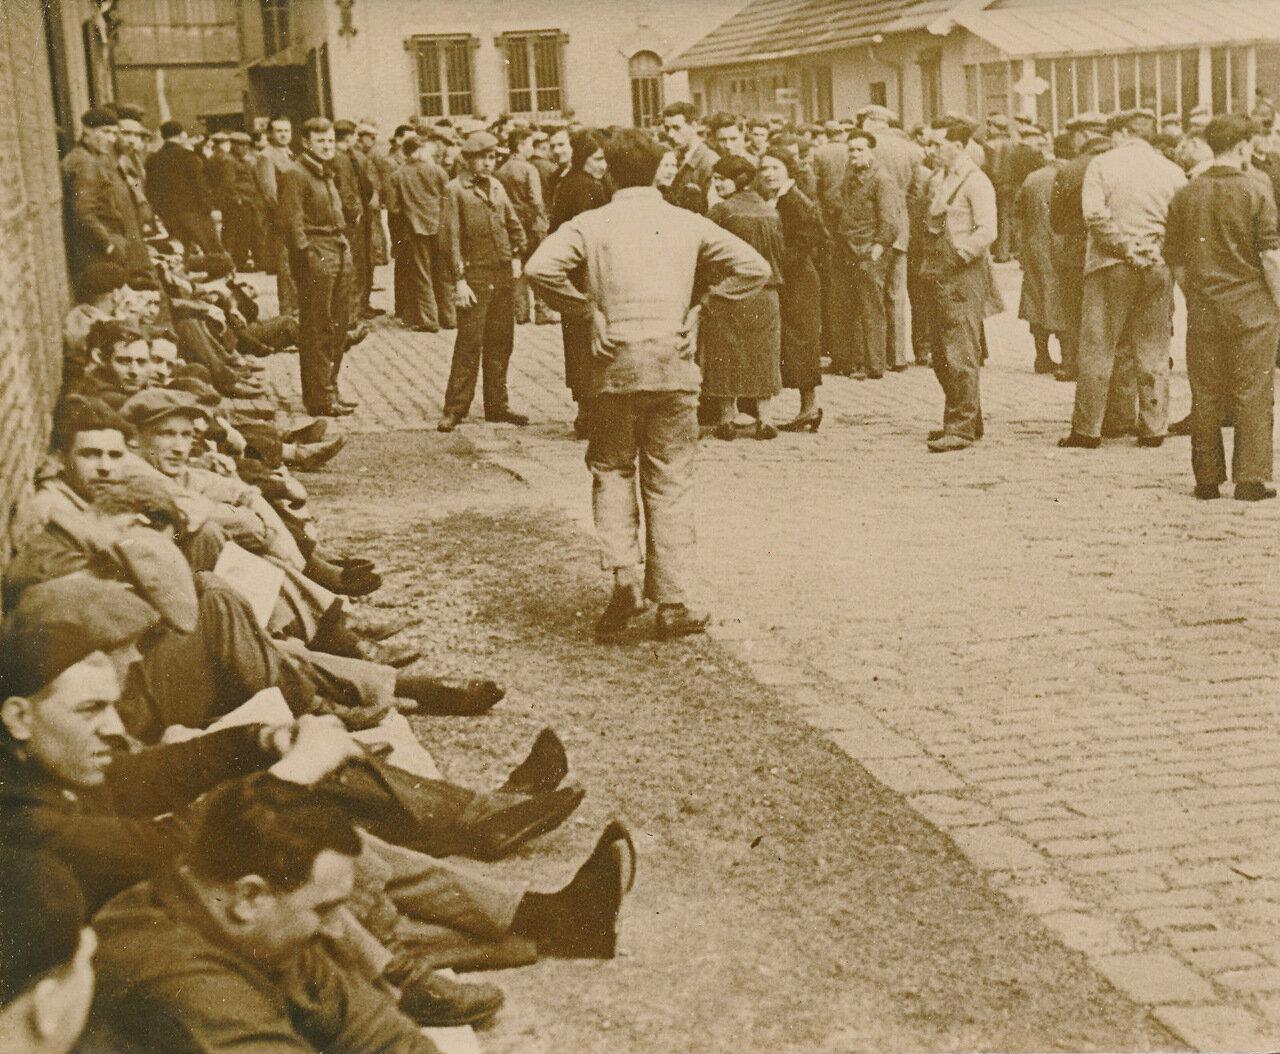 1936. Забастовка на заводе в Исси-ле-Мулино